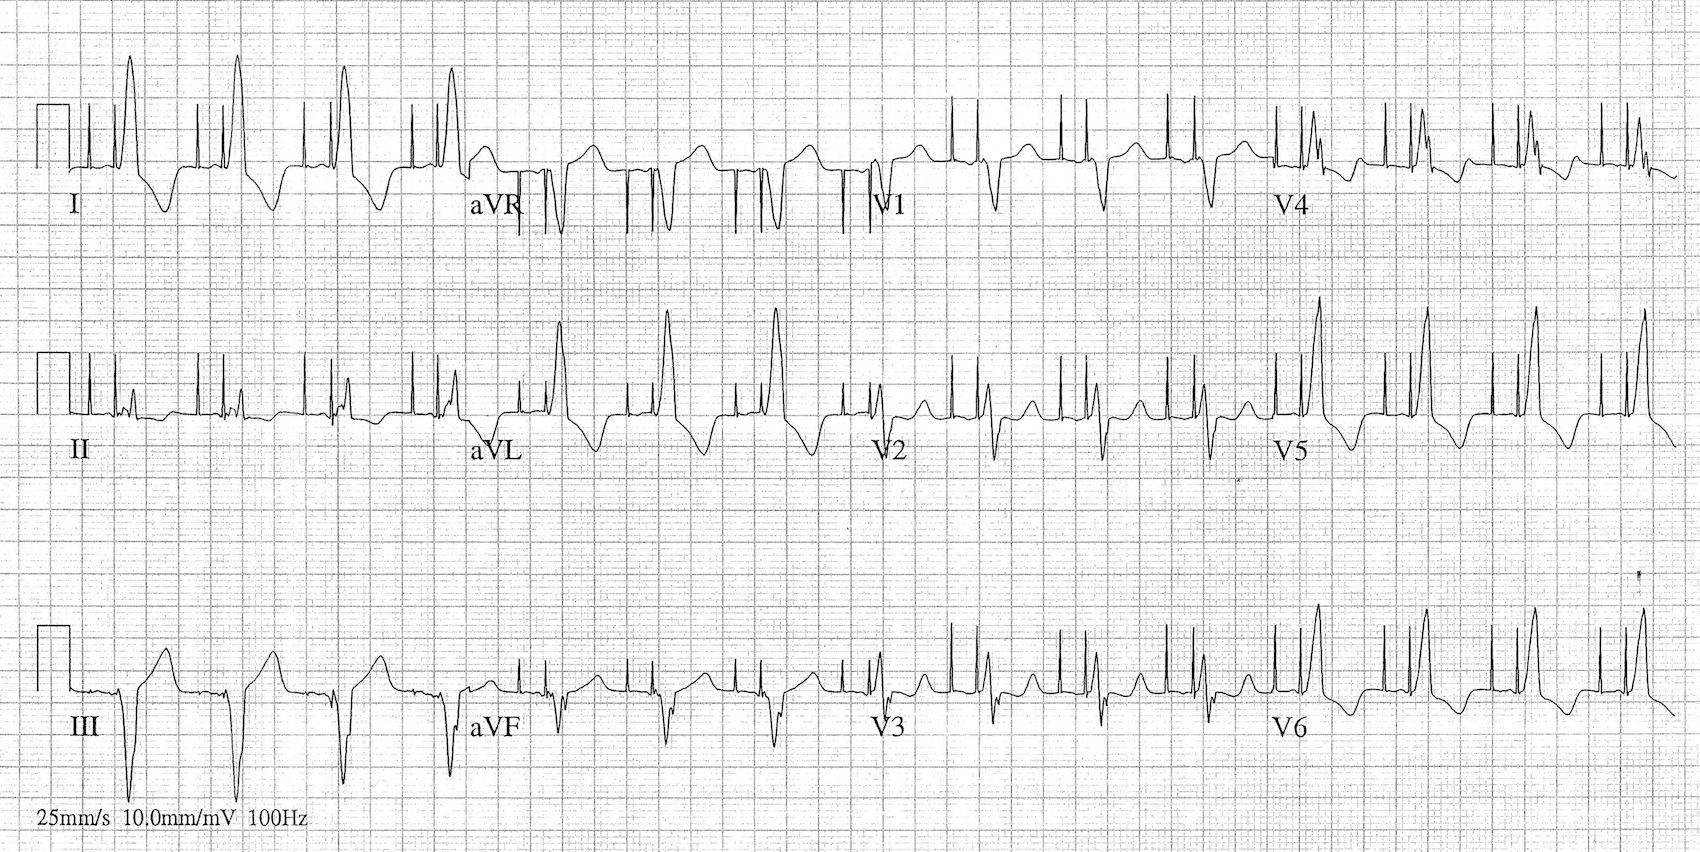 Birbirini izleyen atriyal ve ventriküler odak. Kaynak: lifeinthefastlane.com - ECG library